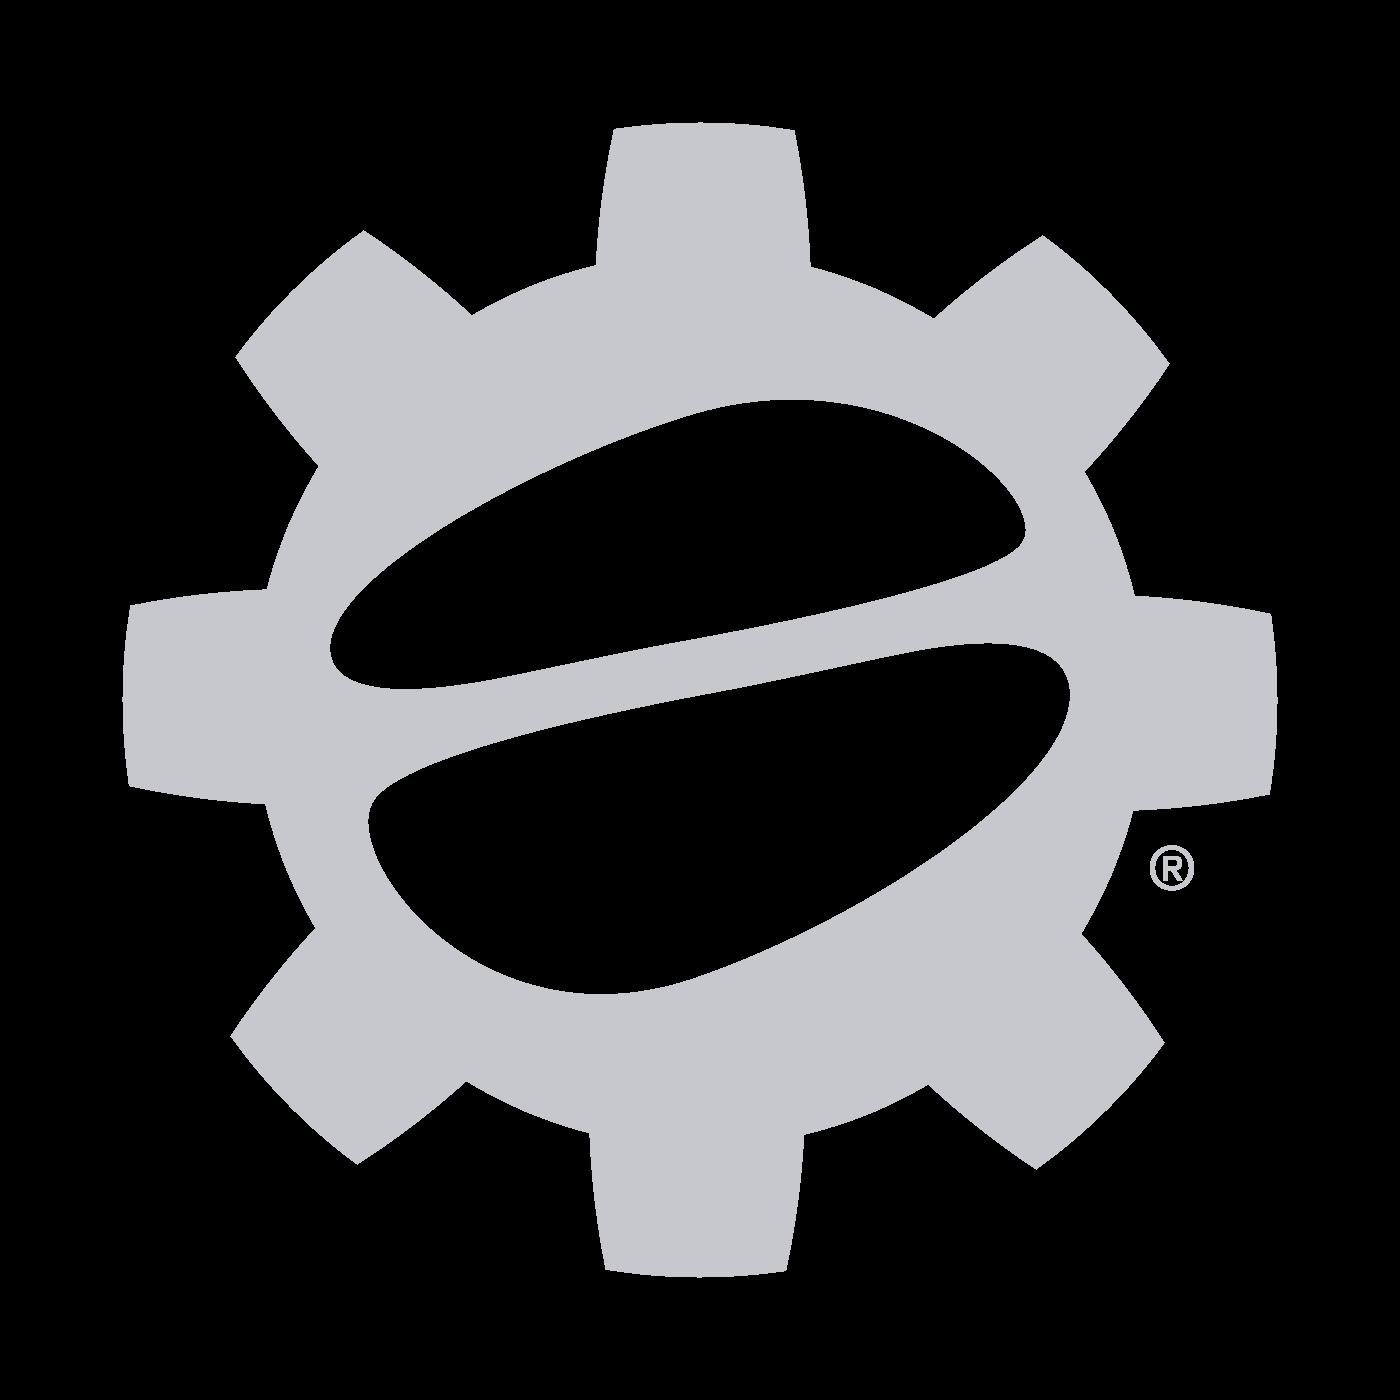 Caffe Ladro - Ladro Espresso